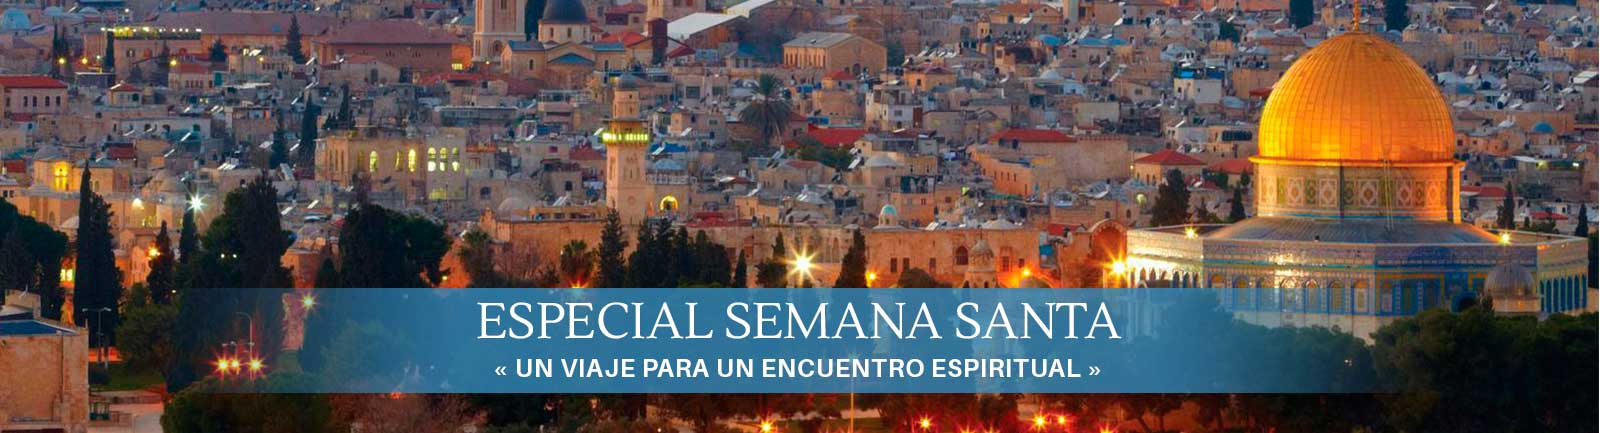 Destino Especial Semana Santa